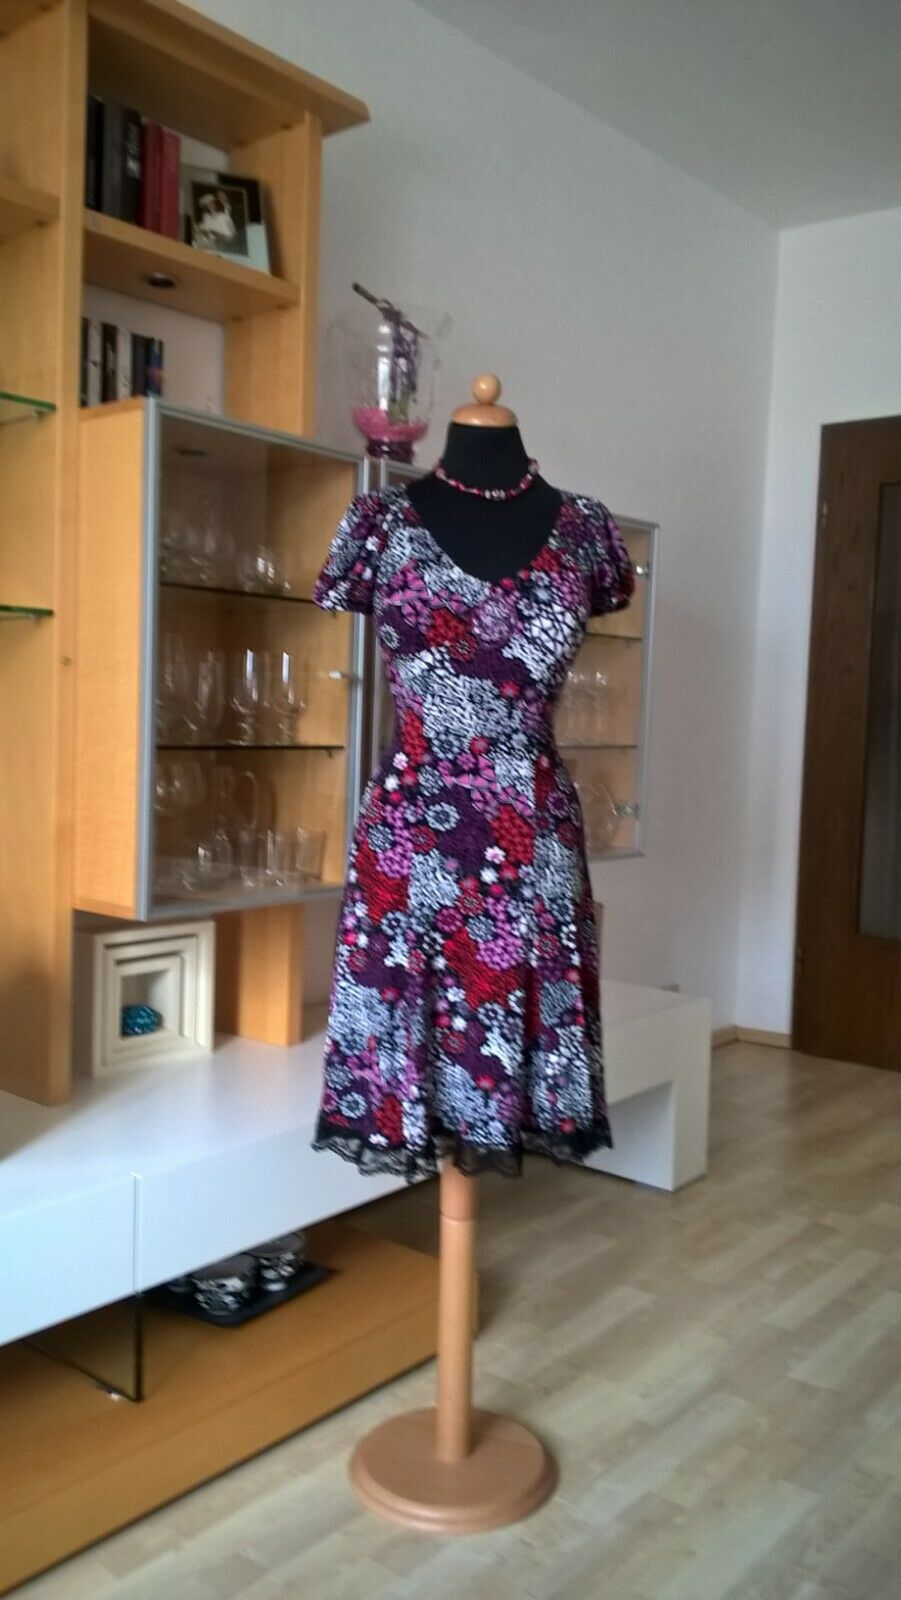 RINASCIMENTO Kleid Gr M 38 40 beere Blütentraum Spitzensaum Viscose Elasthan